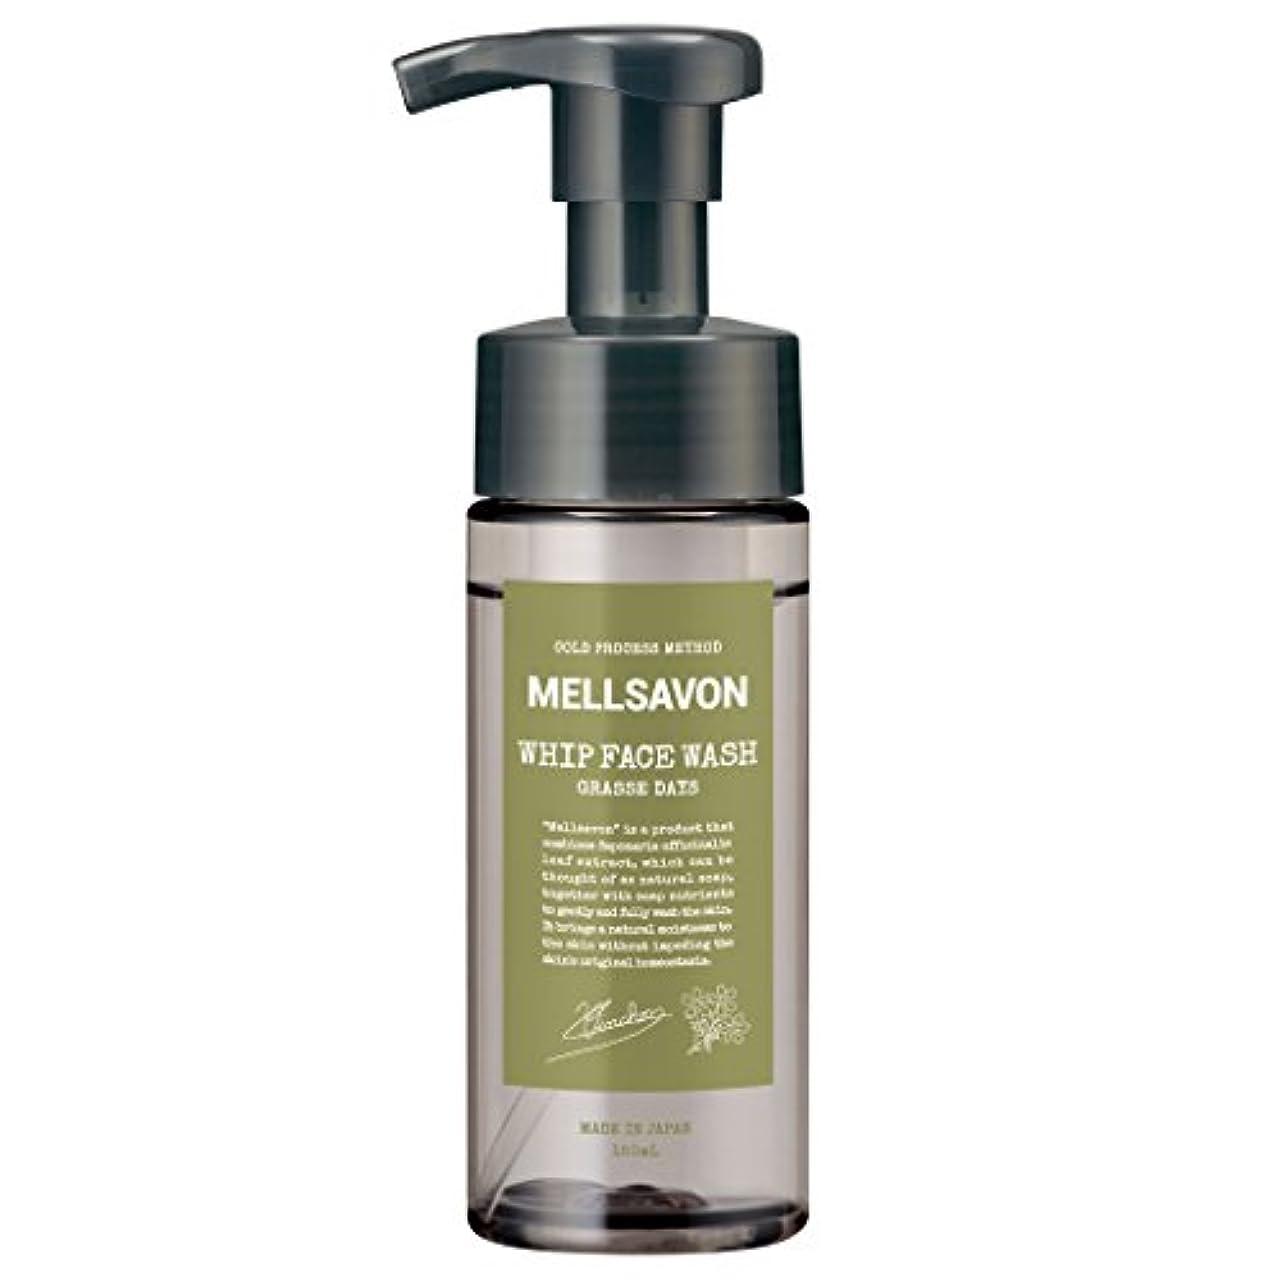 適用済みラインナップラフMellsavon(メルサボン) メルサボン ホイップフェイスウォッシュ グラースデイズ 150mL 洗顔